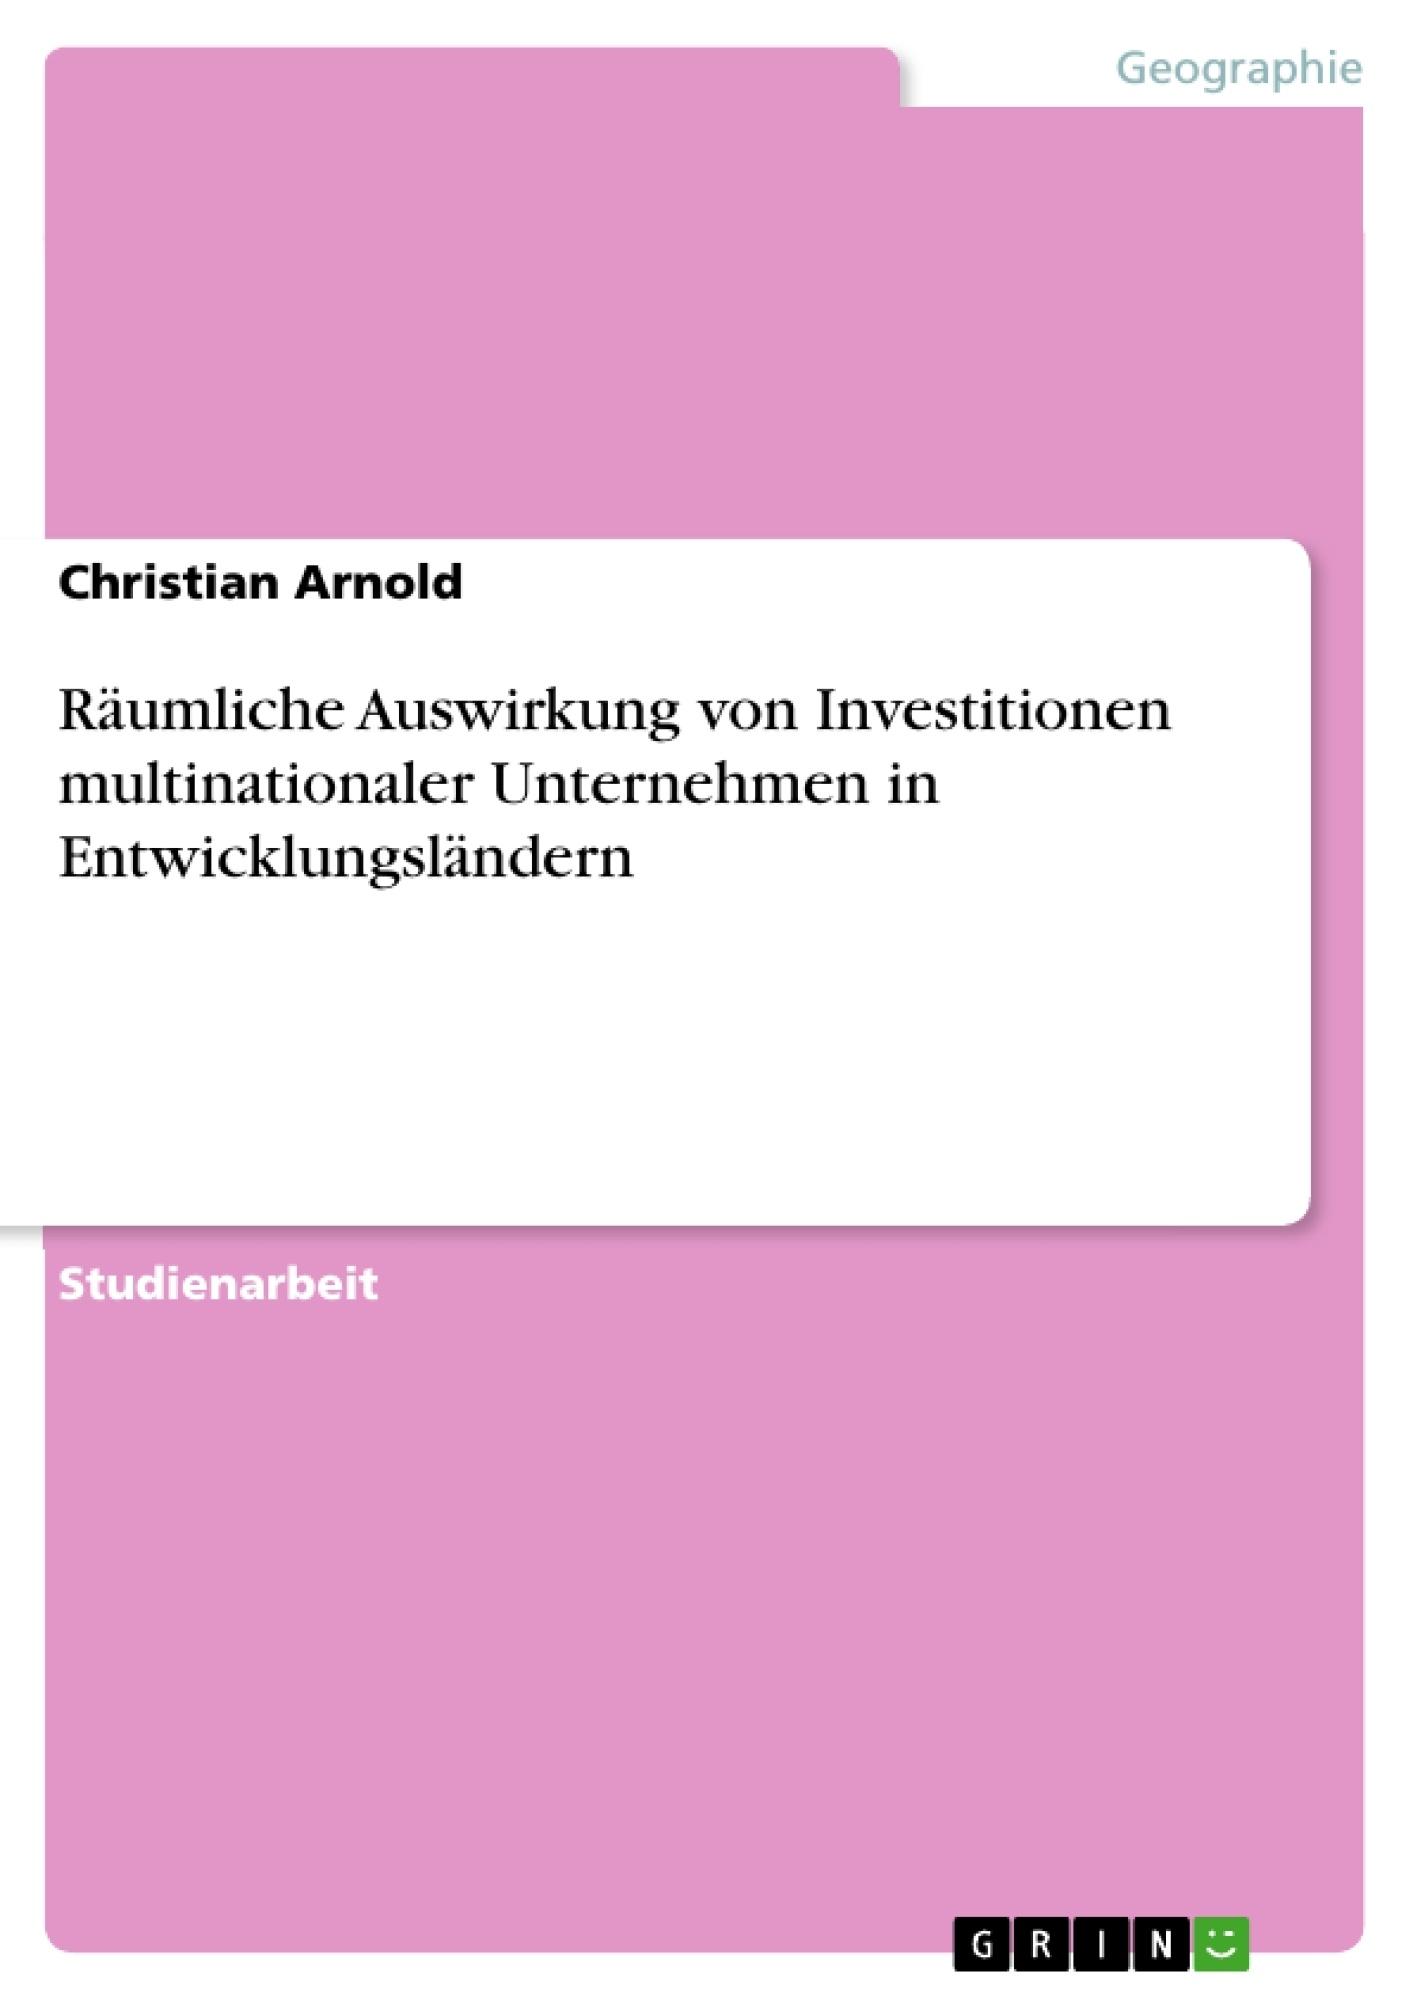 Titel: Räumliche Auswirkung von Investitionen multinationaler Unternehmen in Entwicklungsländern